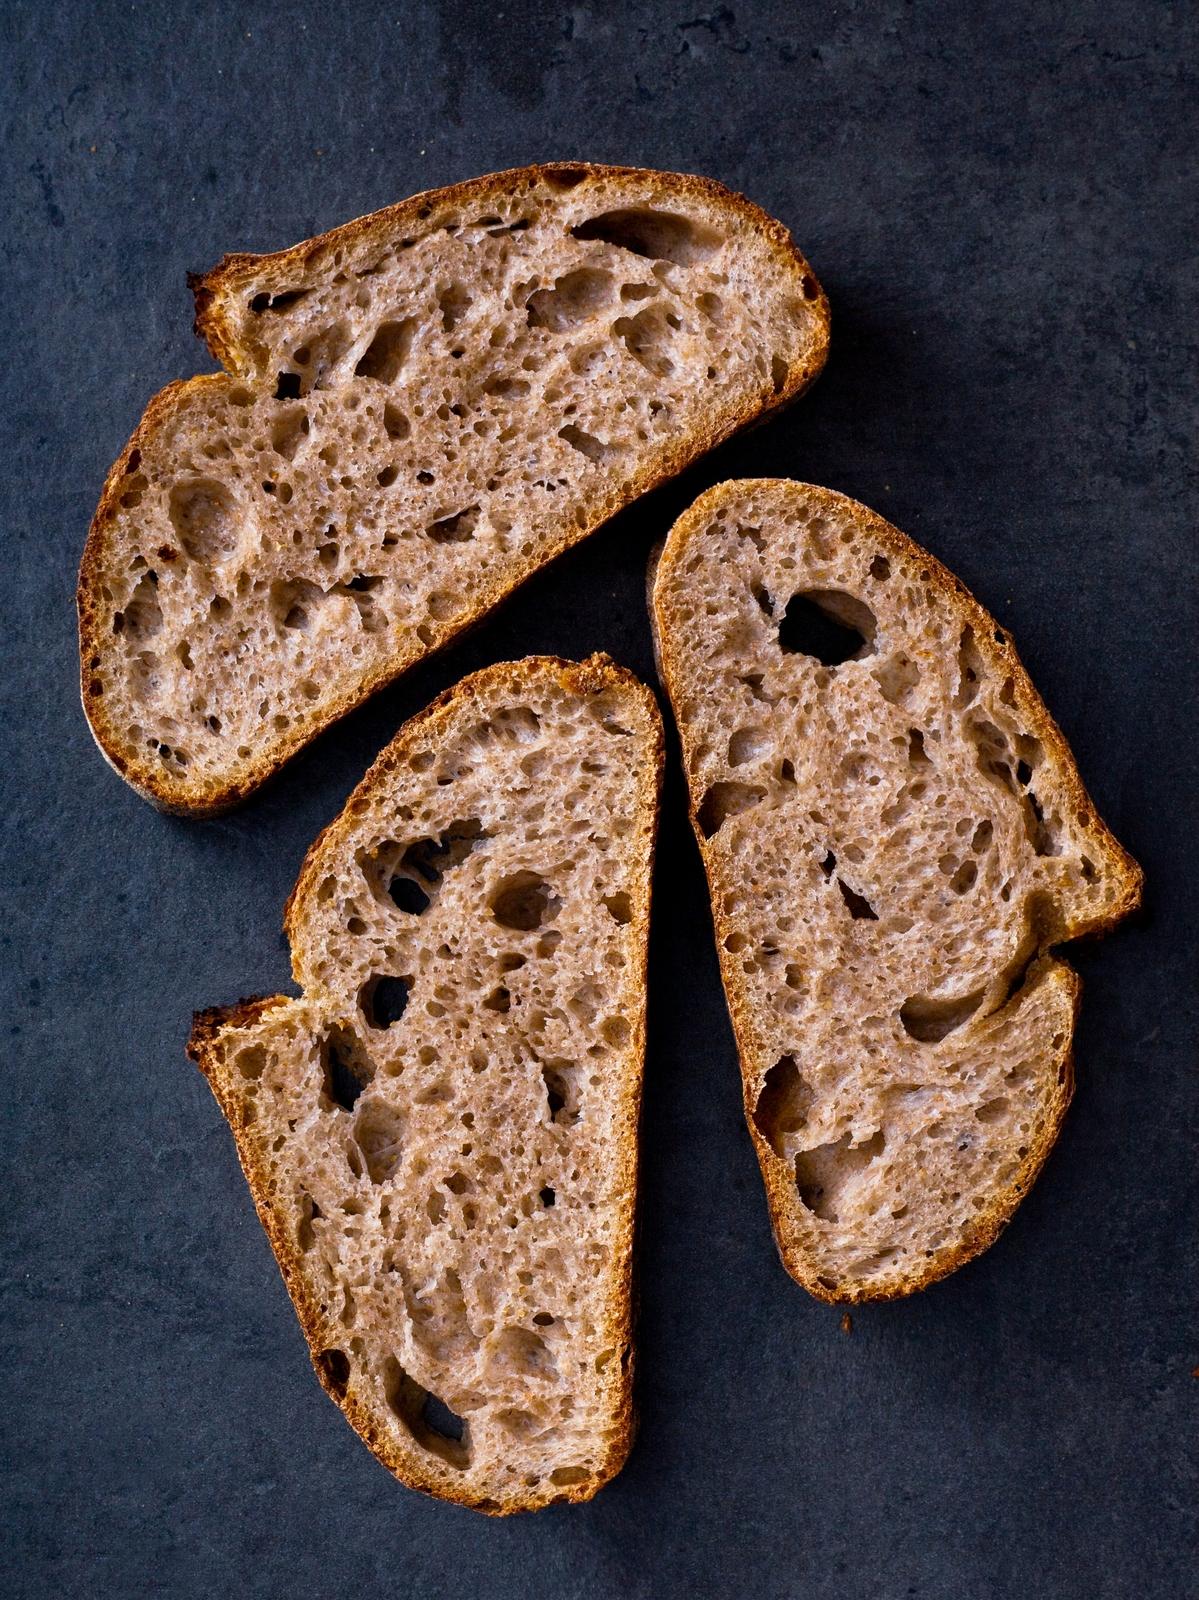 Nemiesený chlieb s kváskom Lievito madre